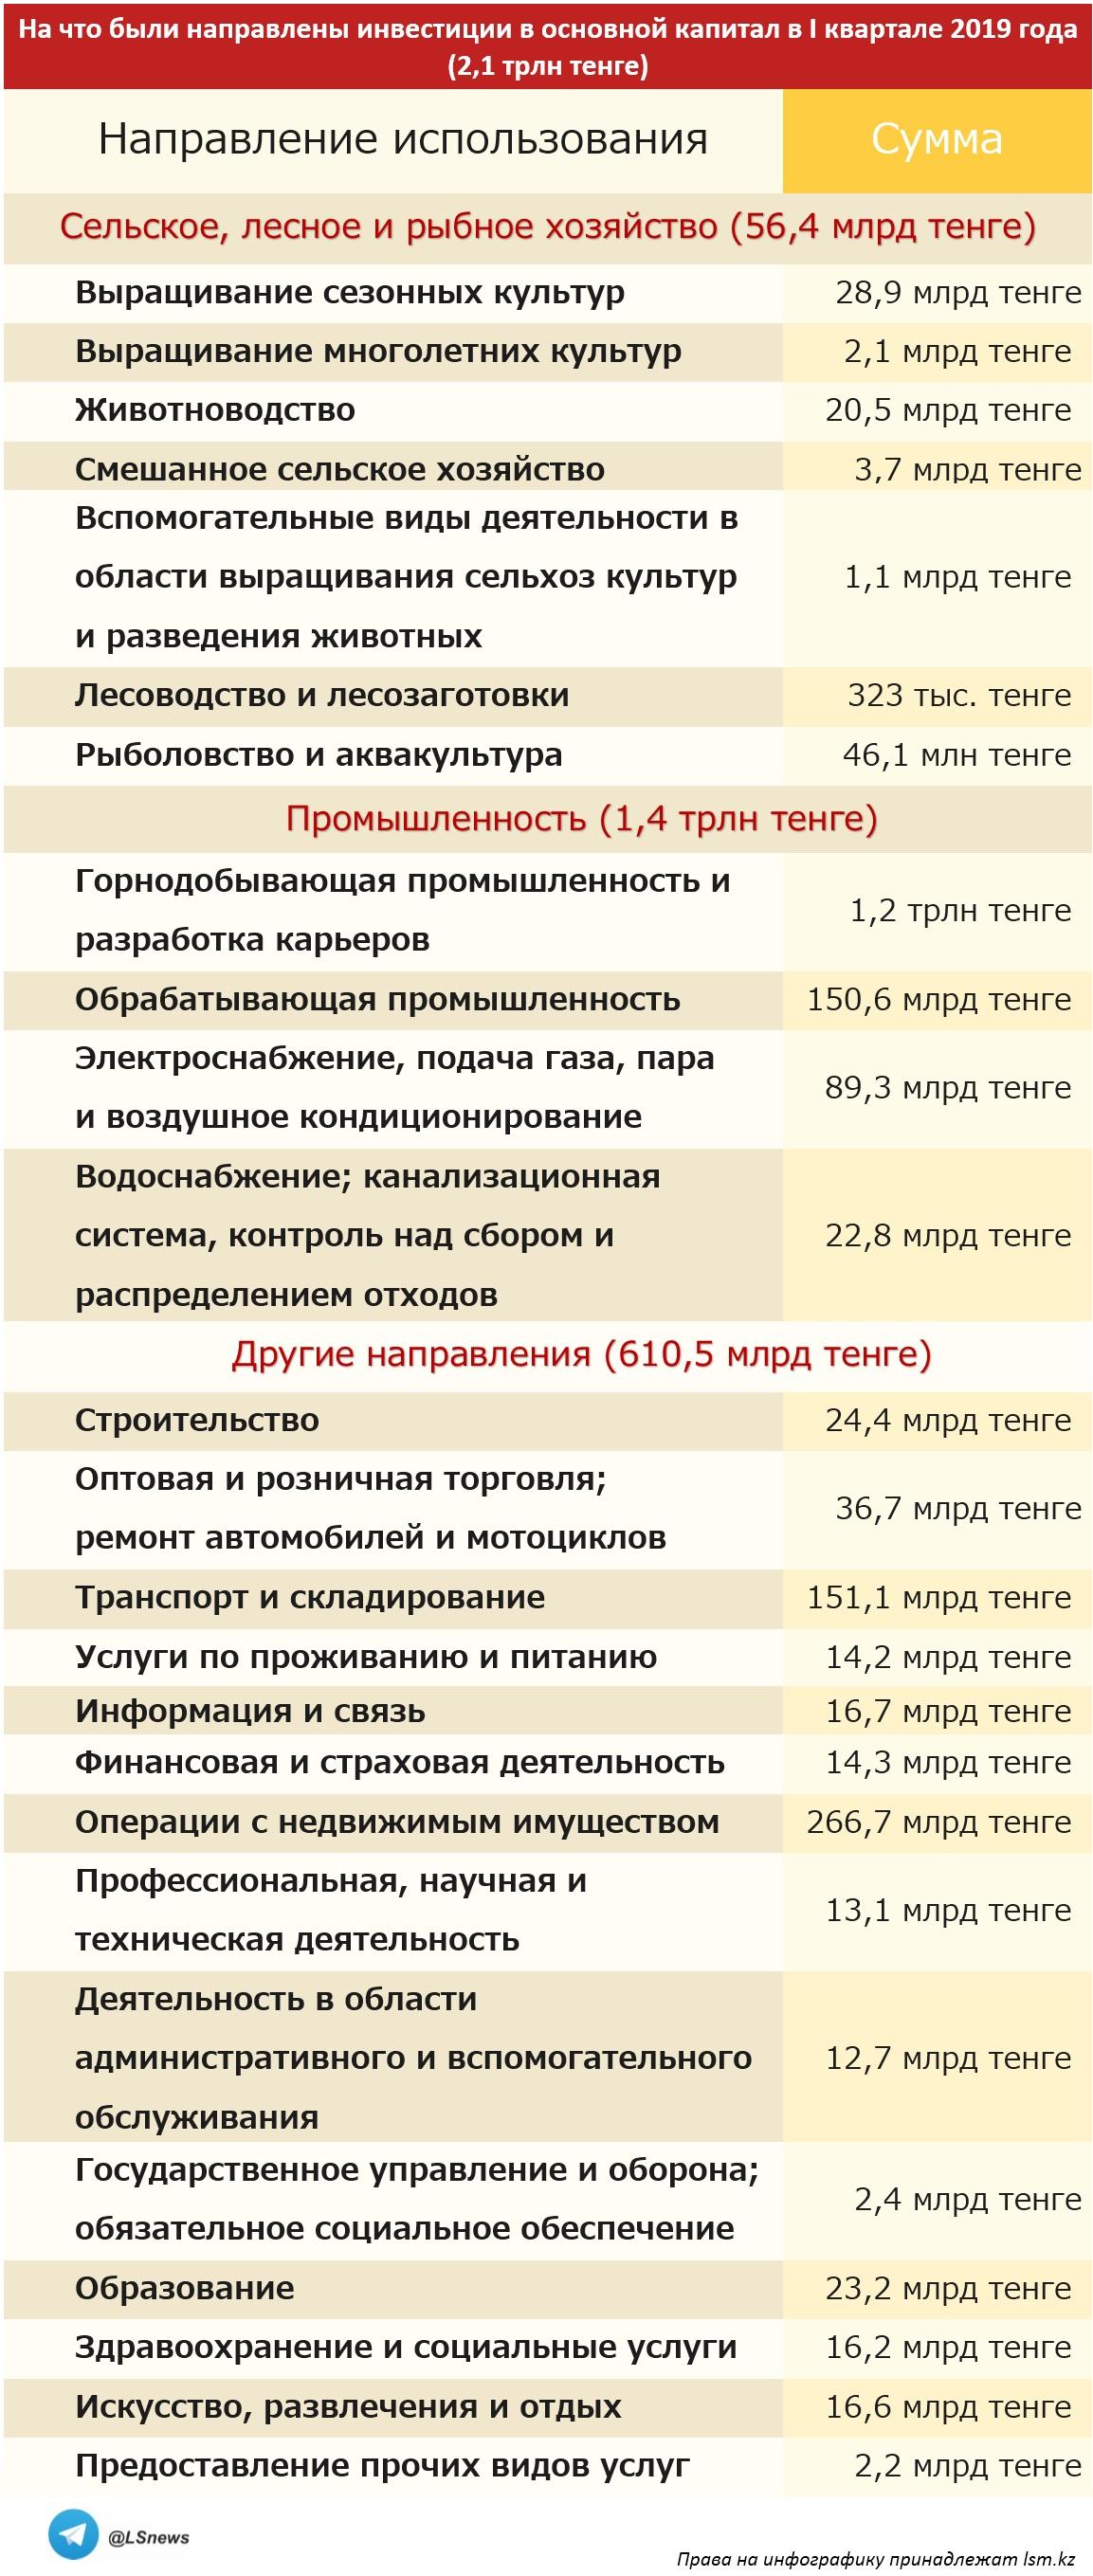 Копирование таблицы другими СМИ запрещено